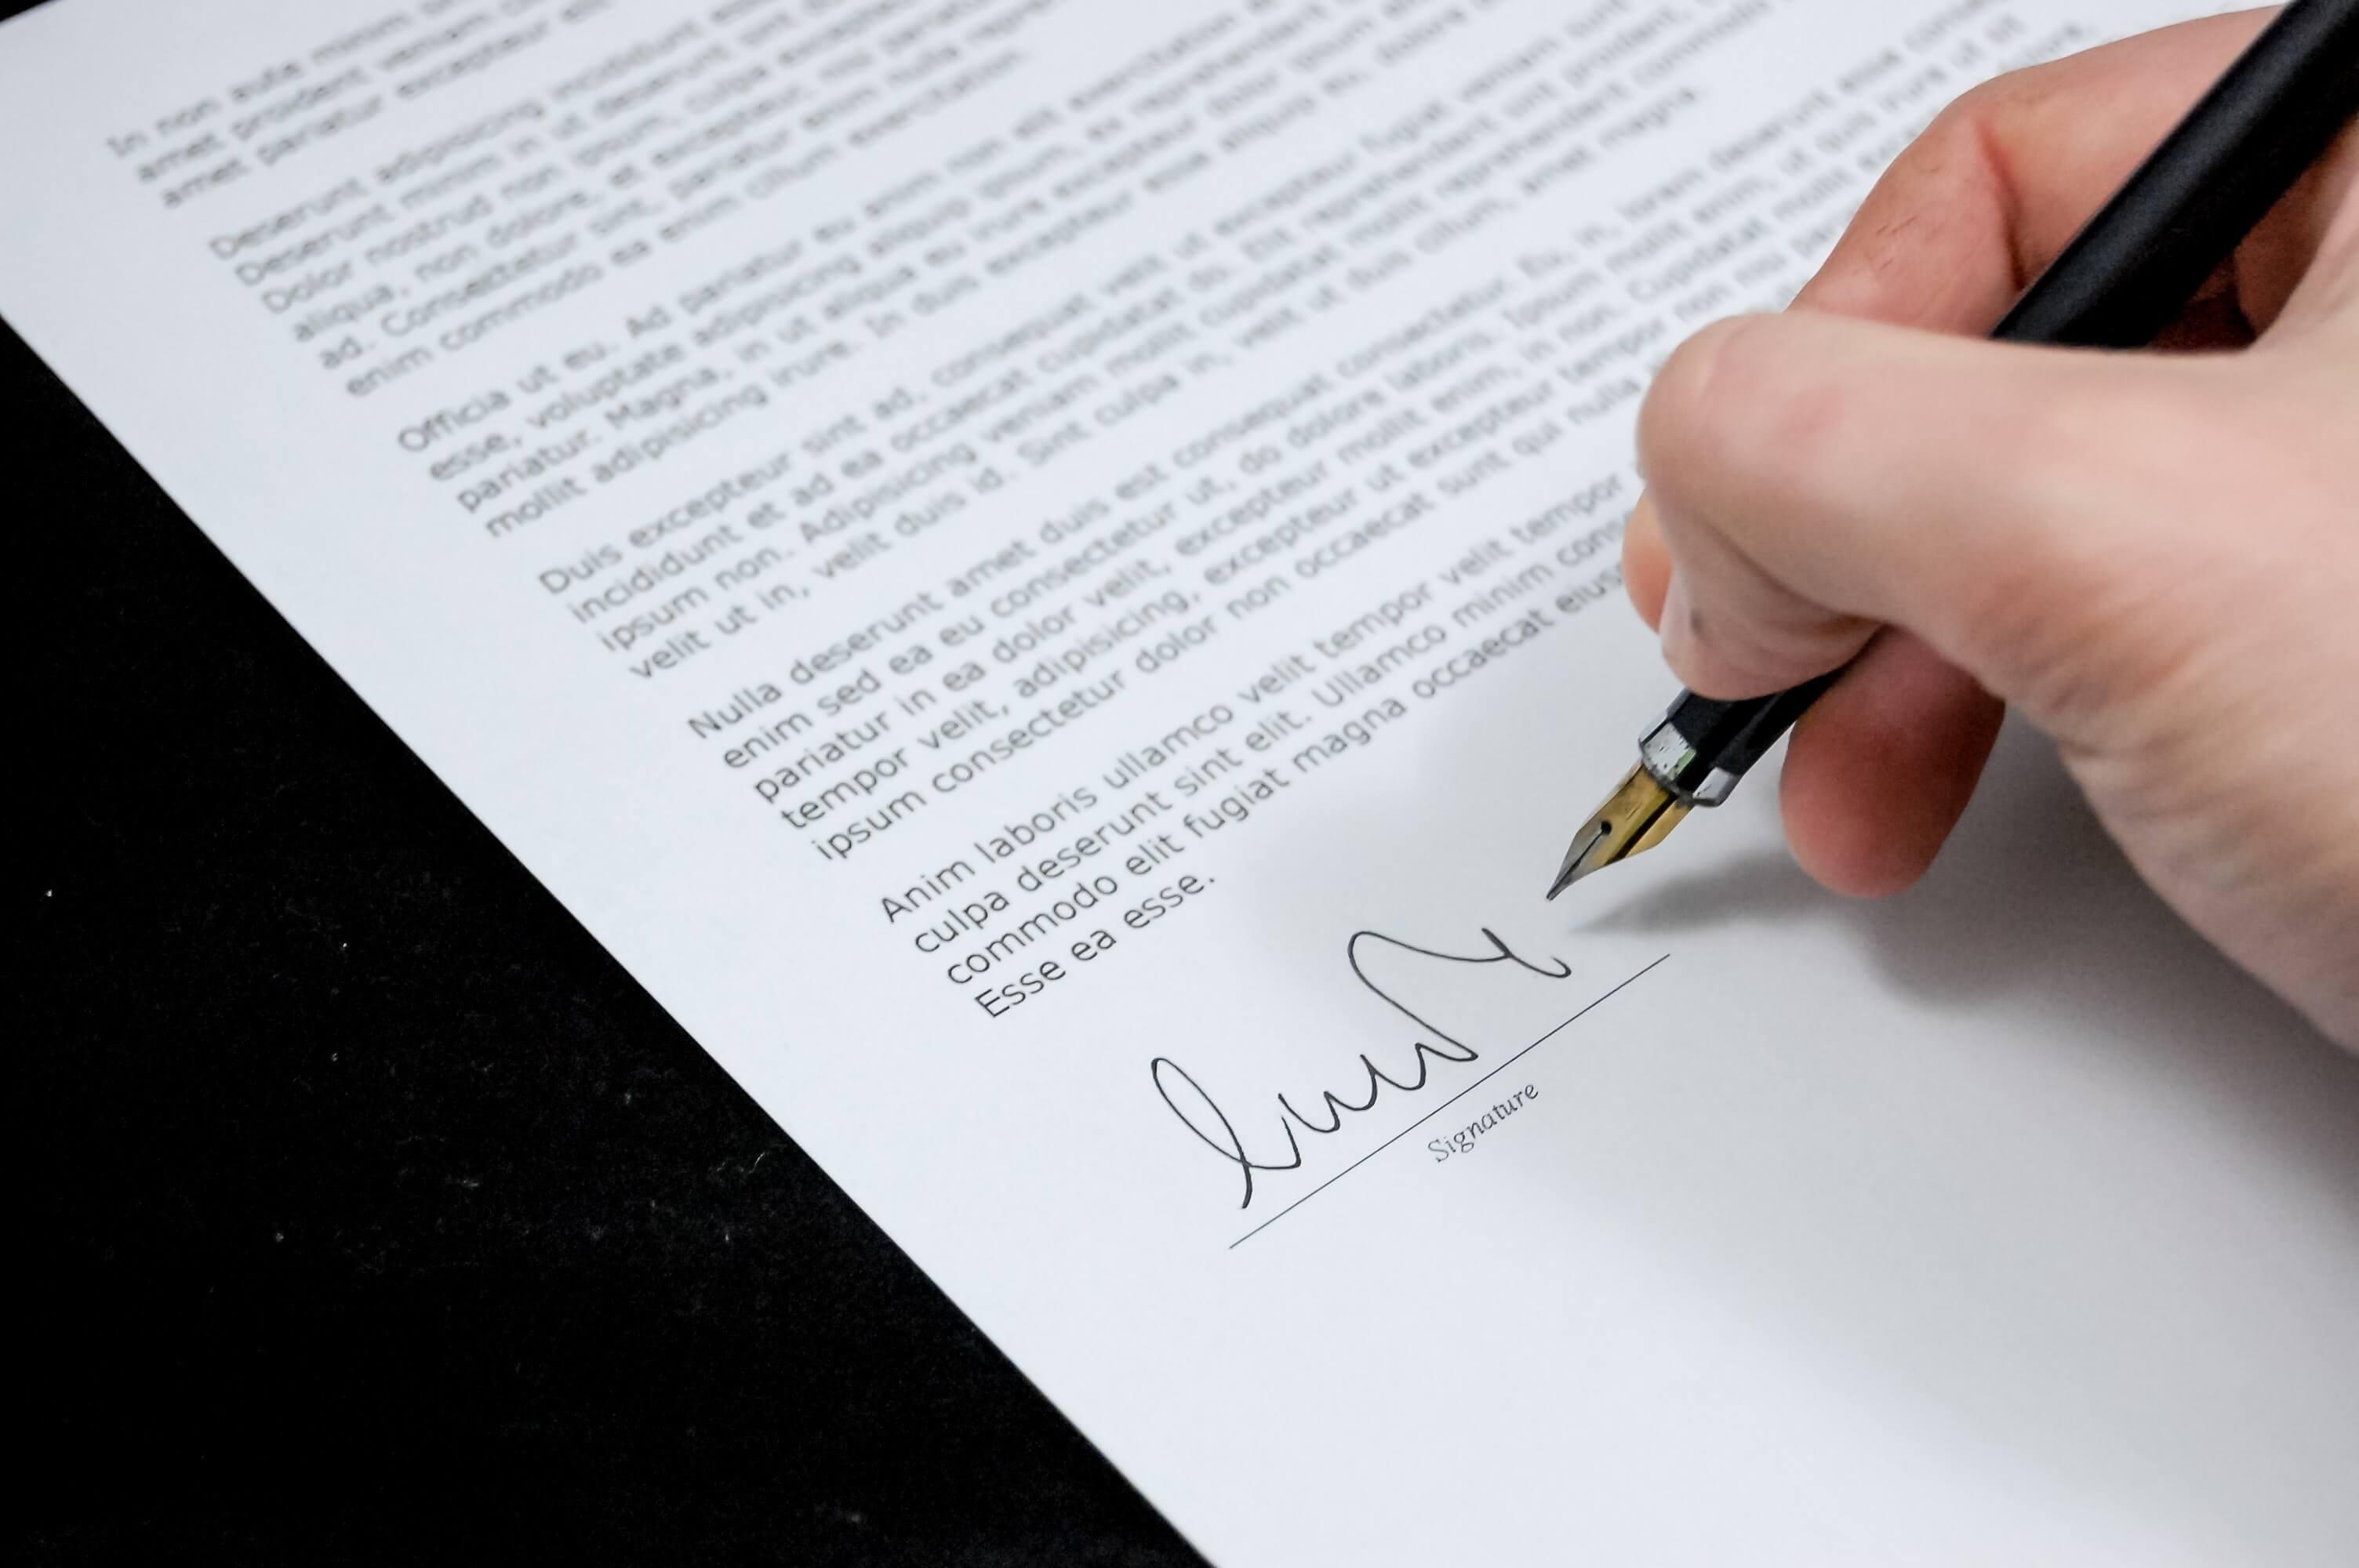 Jemand unterschreibt ein Dokument